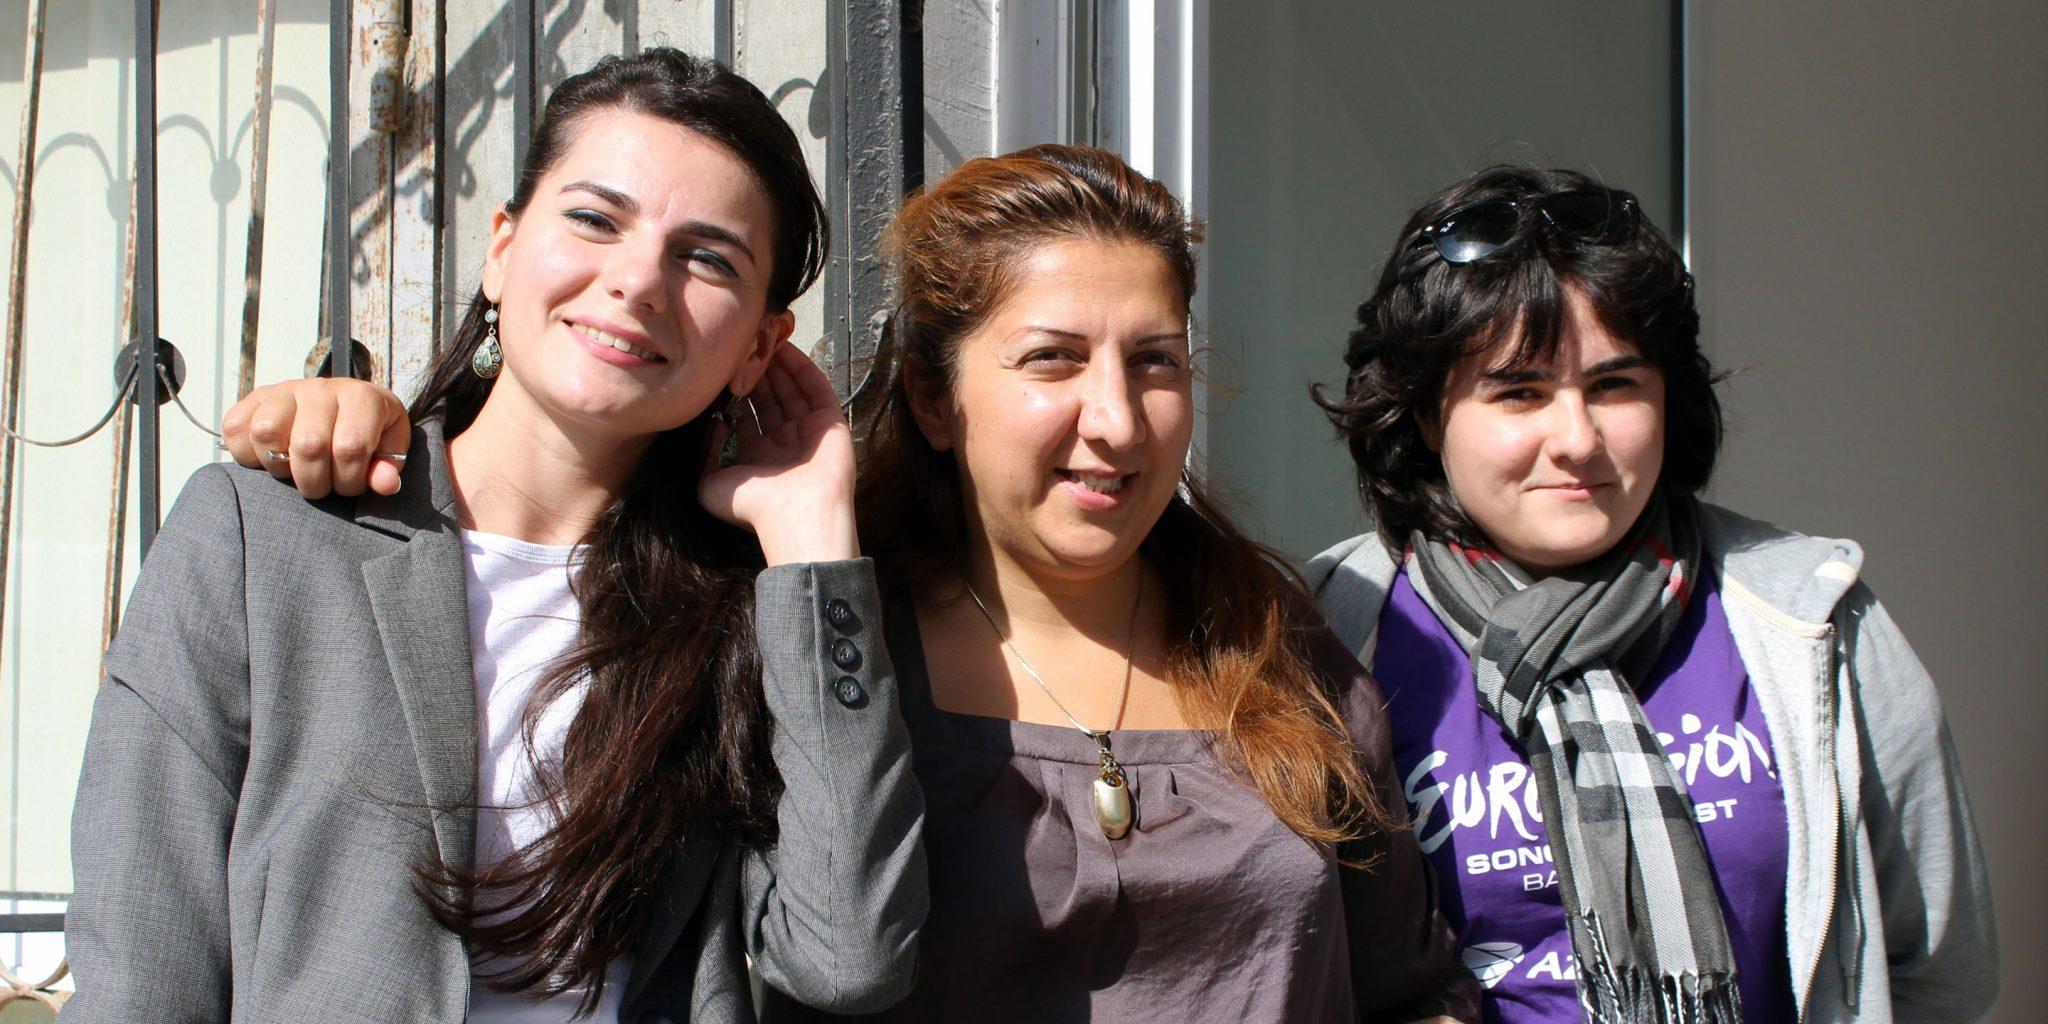 Pervana Mammedova i mitten är grundare av vår partnerorganisation YUVA Humanitarian Center, vars verksamhet går ut på att stärka unga kvinnor. Här tillsammans med Leyla och Sevda Jahangirova, båda aktiva i YUVA. Foto: Kvinna till Kvinna/Karin Råghall.